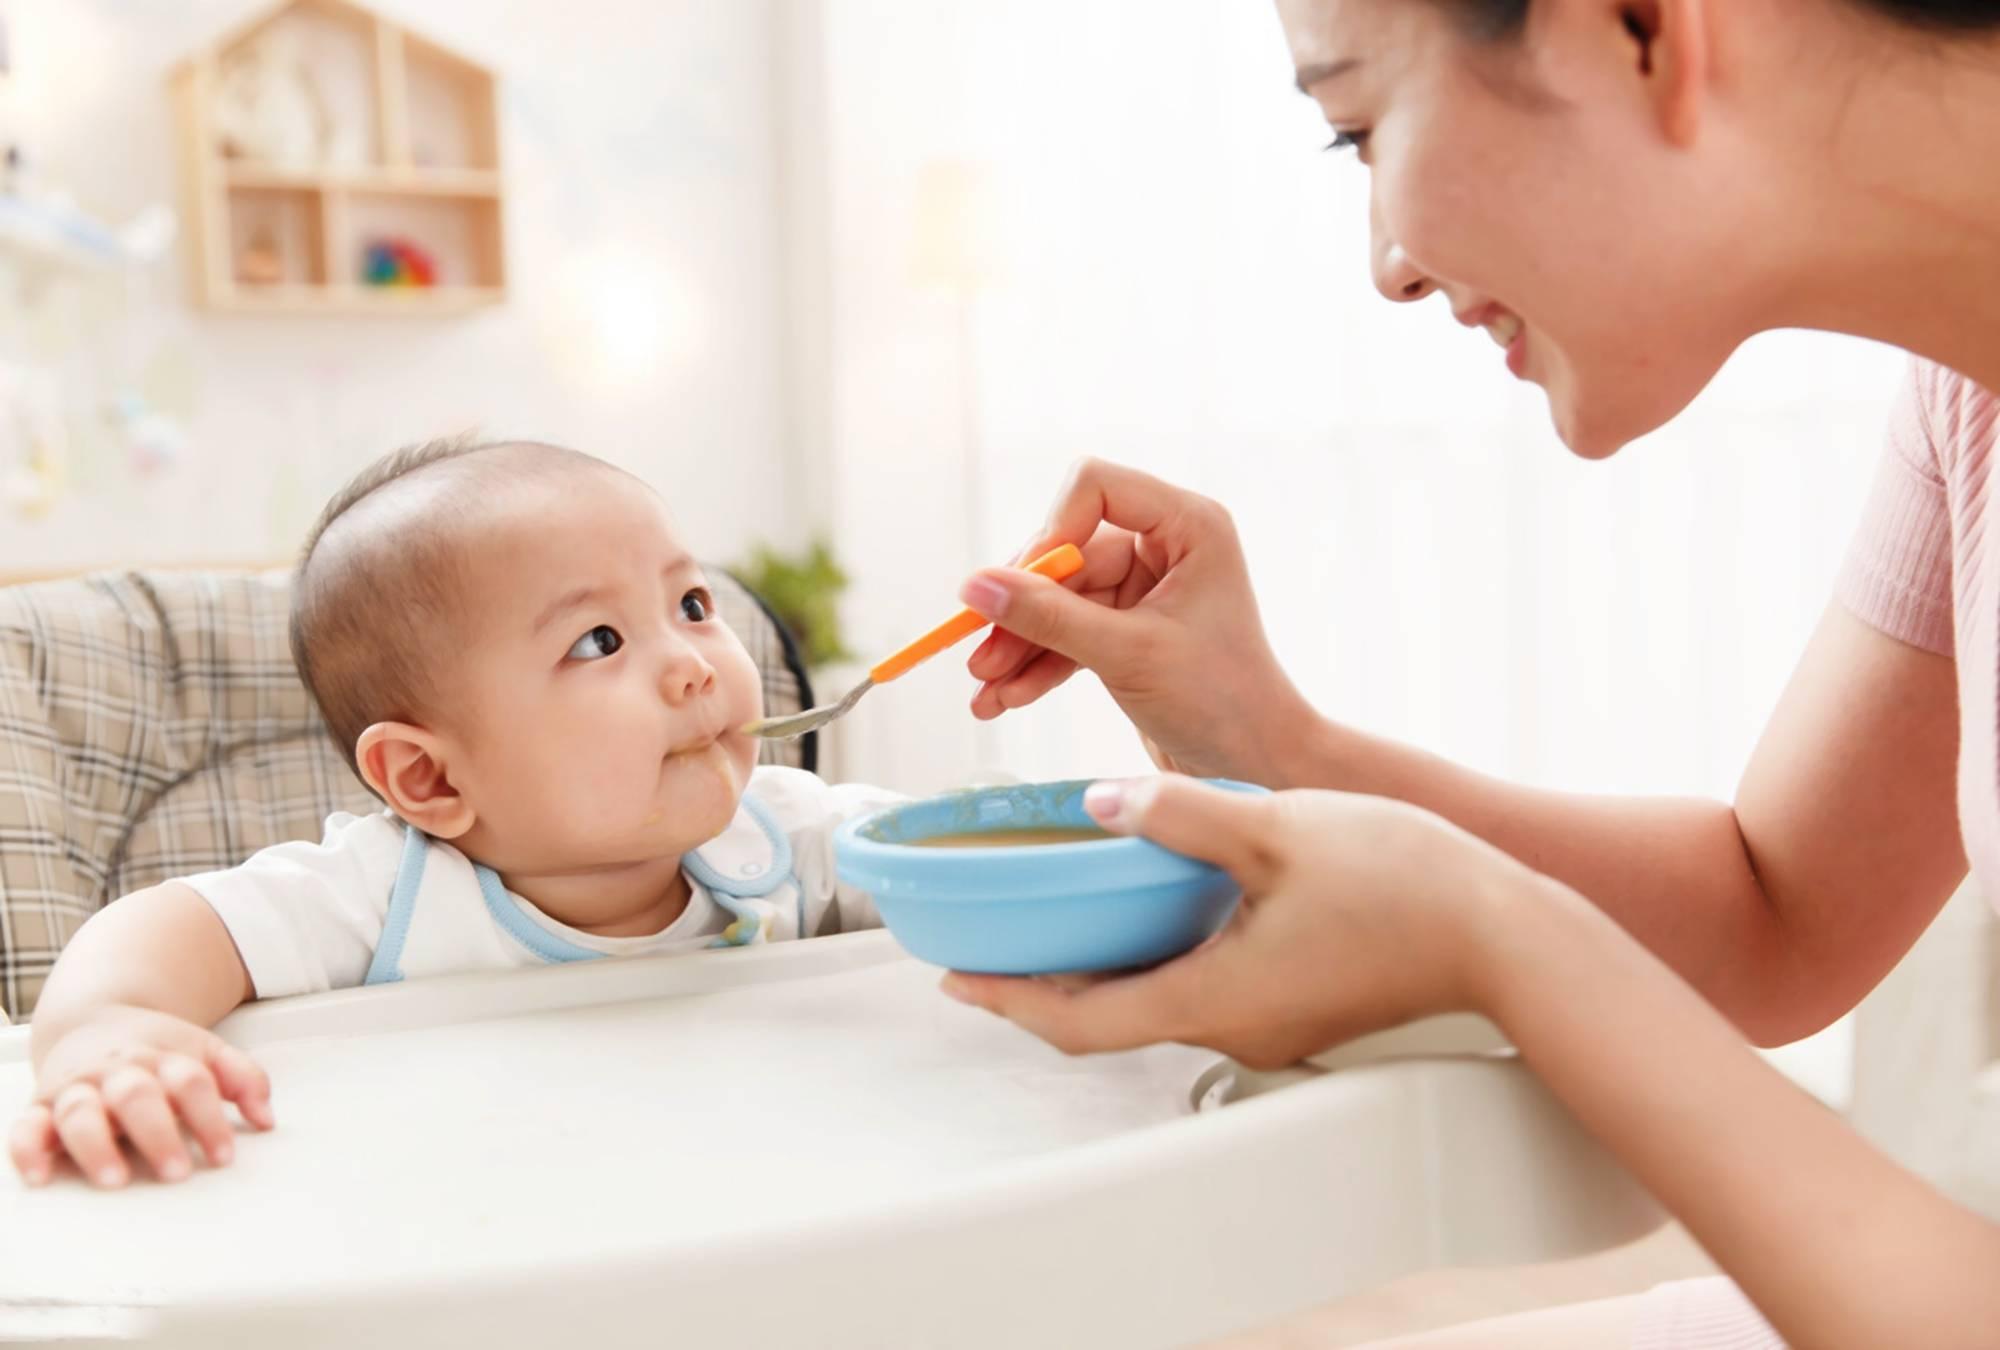 """有一种""""假""""辅食叫做米汤,看似有营养,实则影响宝宝发育  第1张"""